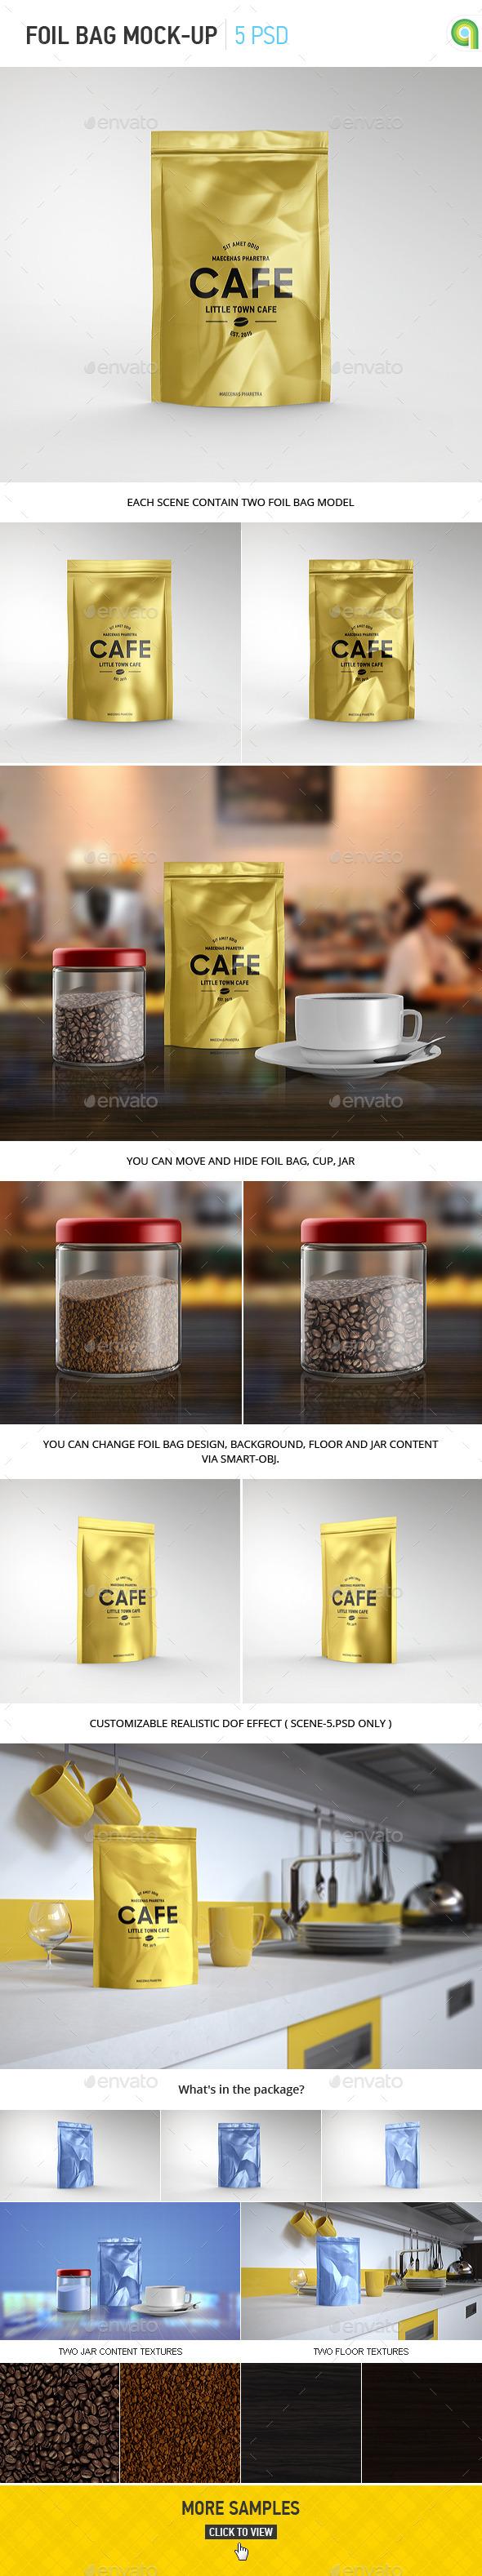 Foil Bag Pack Mockup - Food and Drink Packaging